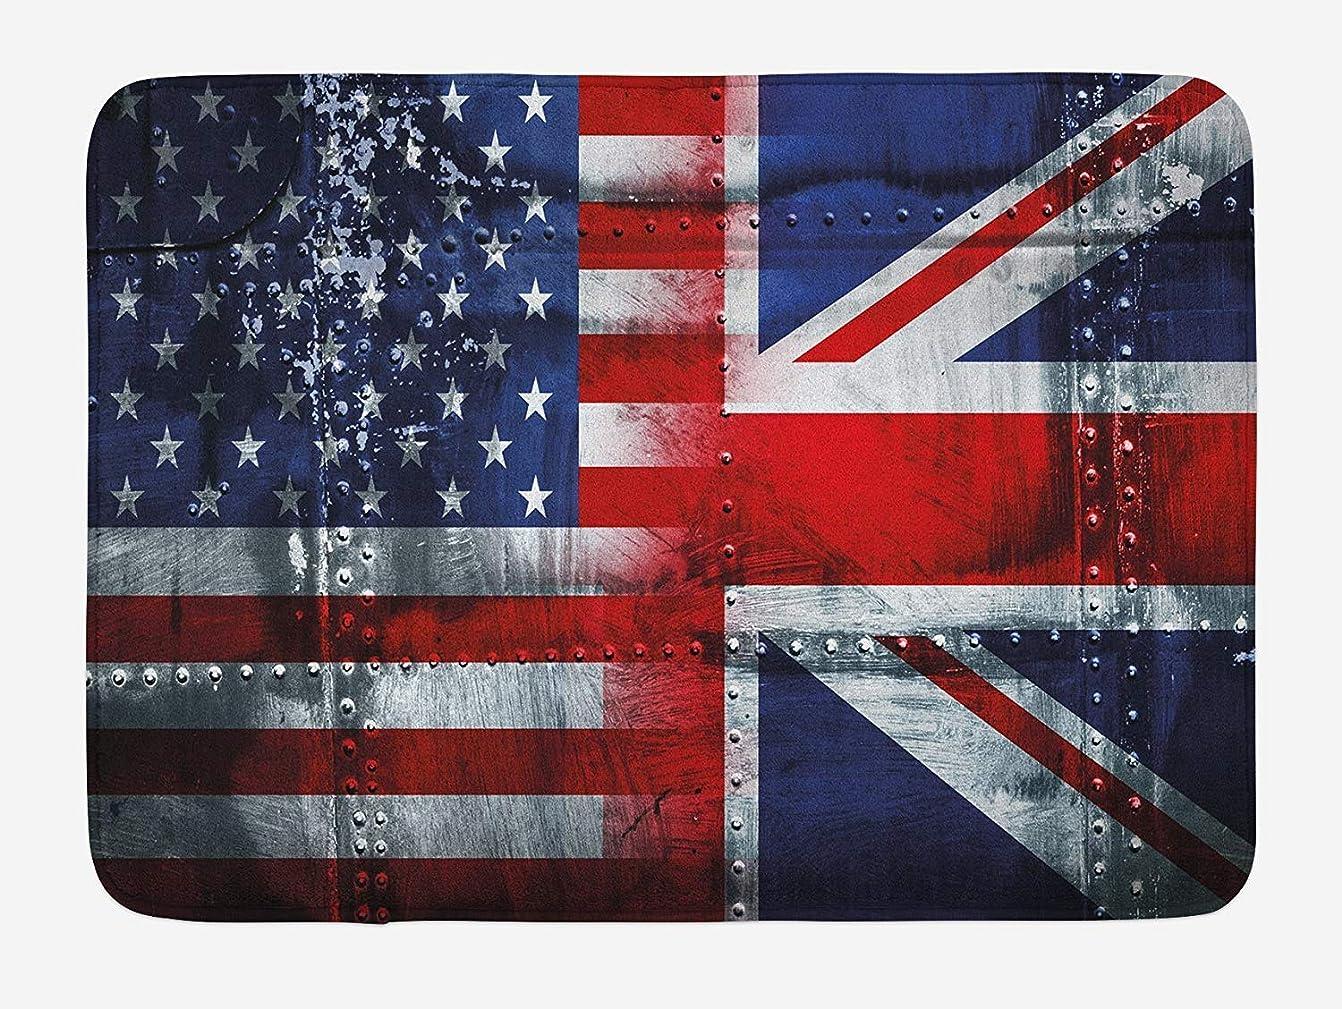 脚本連隊関連付けるユニオンジャックバスマット、英国と米国旗ヴィンテージ、滑り止めバッキングとぬいぐるみバスルームインテリアマットのアライアンス一緒テーマ作曲、40 x 60 CMインチ、ネイビーブルー [並行輸入品]